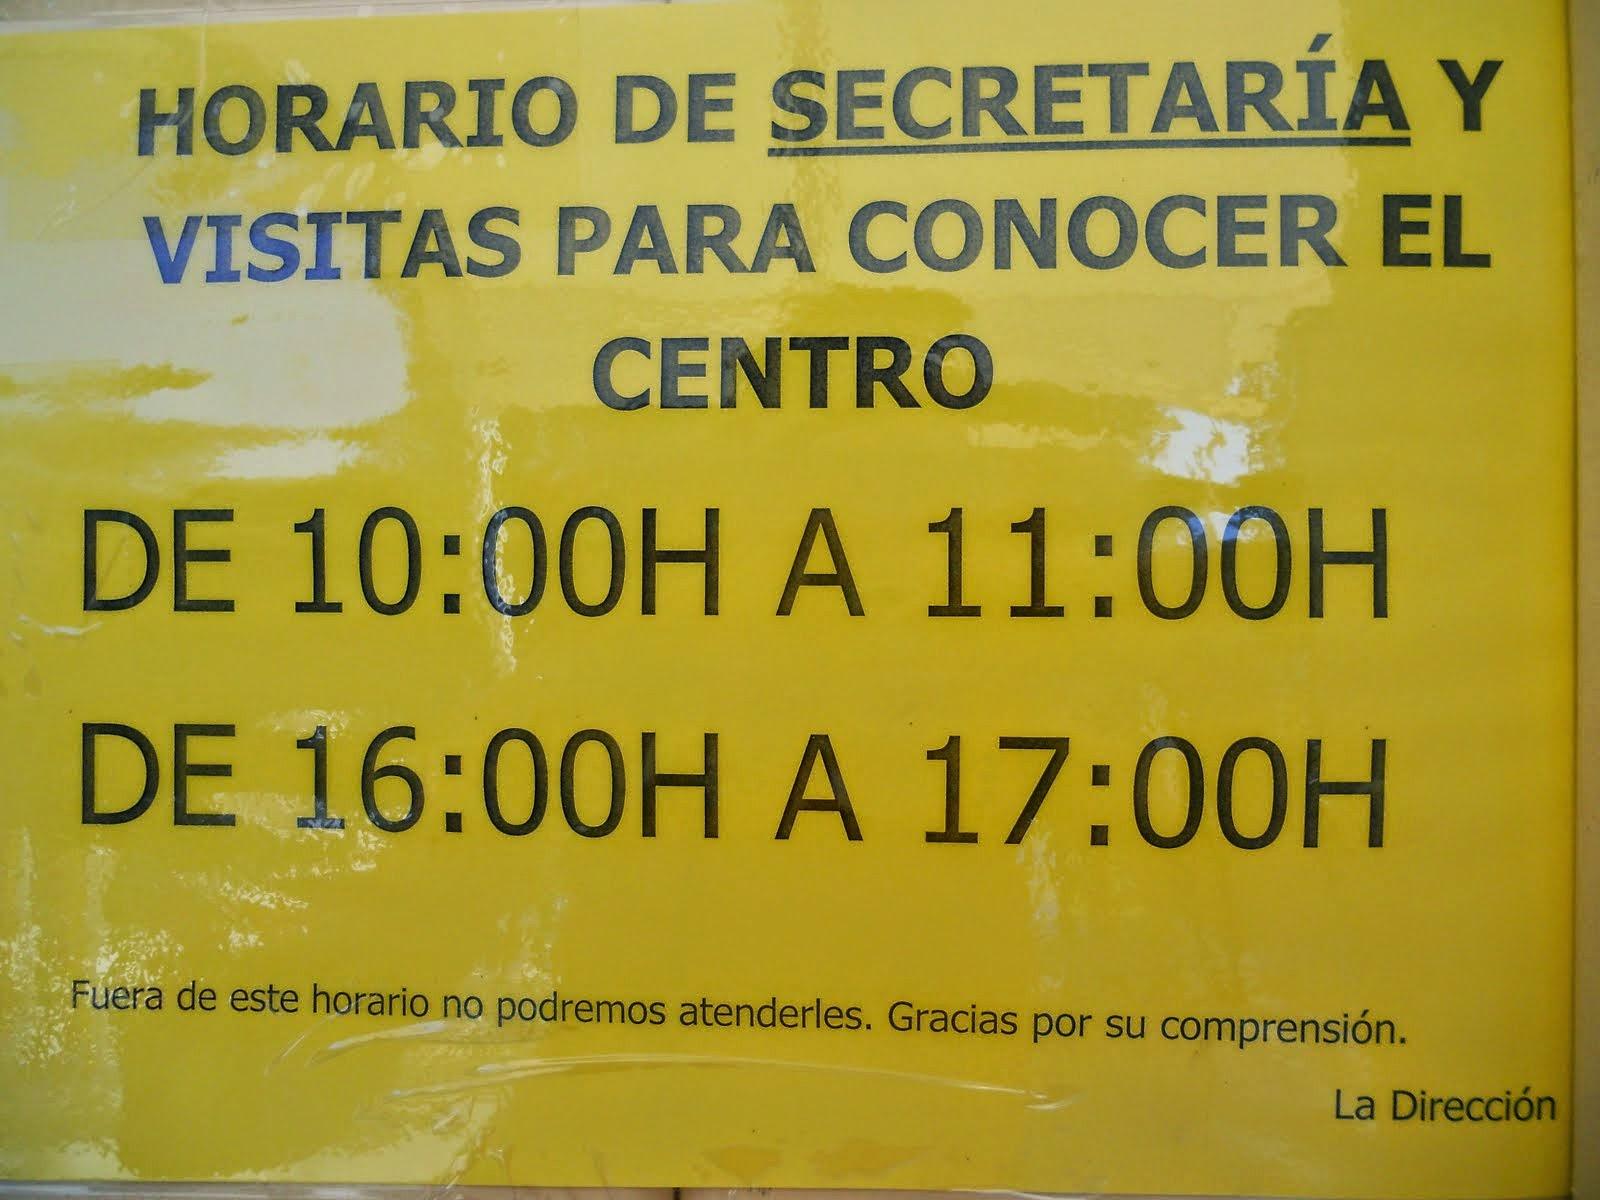 Horario de secretaría del centro